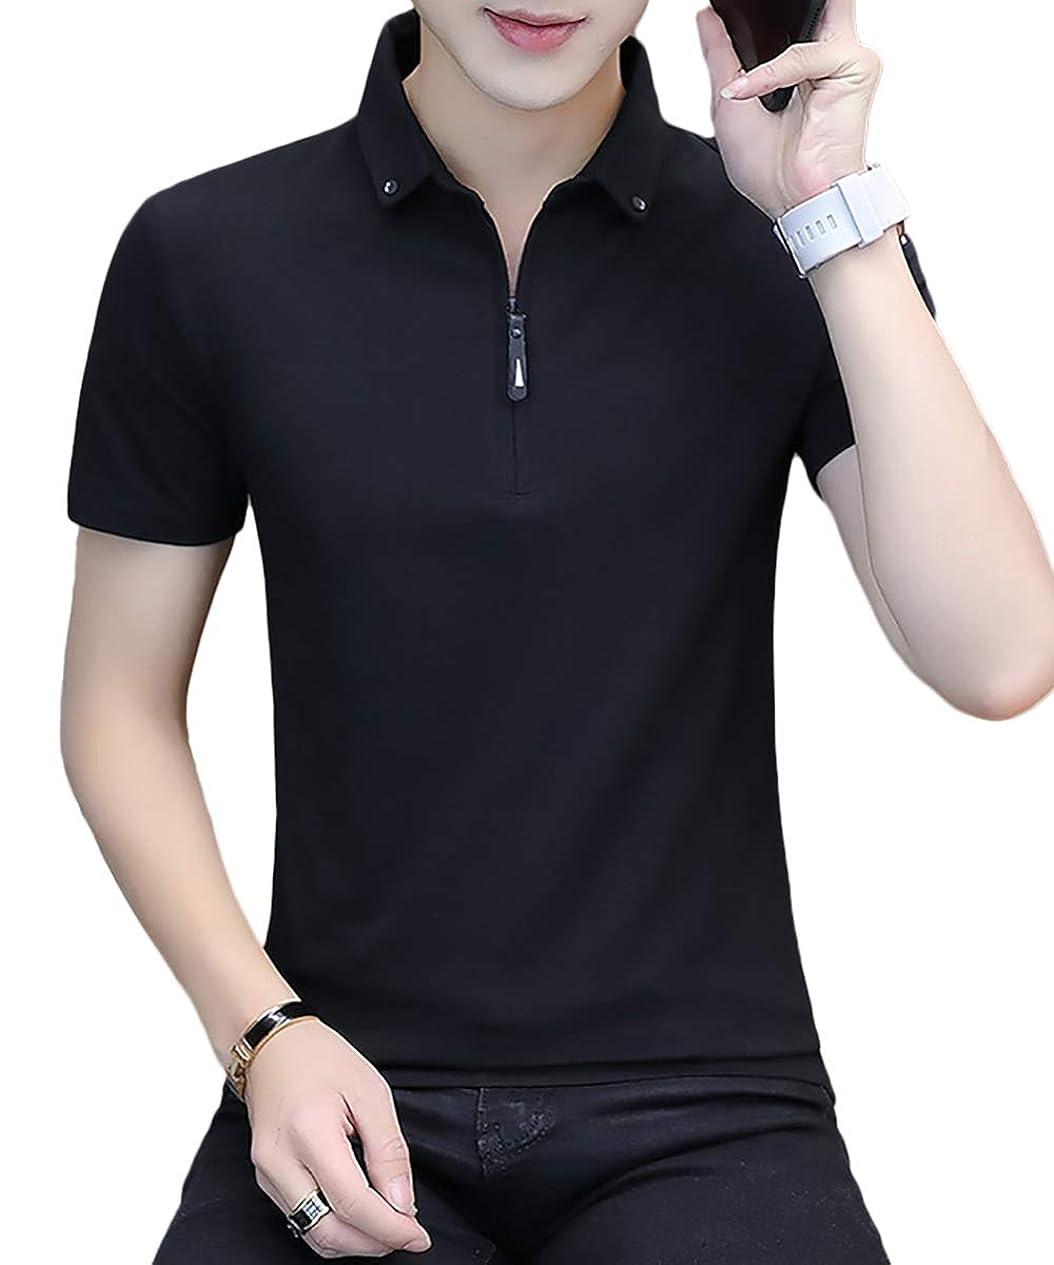 主導権うんざり強化する[meryueru(メリュエル)] チェストファスナー スキッパー tシャツ カジュアル 襟付き ポロシャツ 半袖 シャツ メンズ